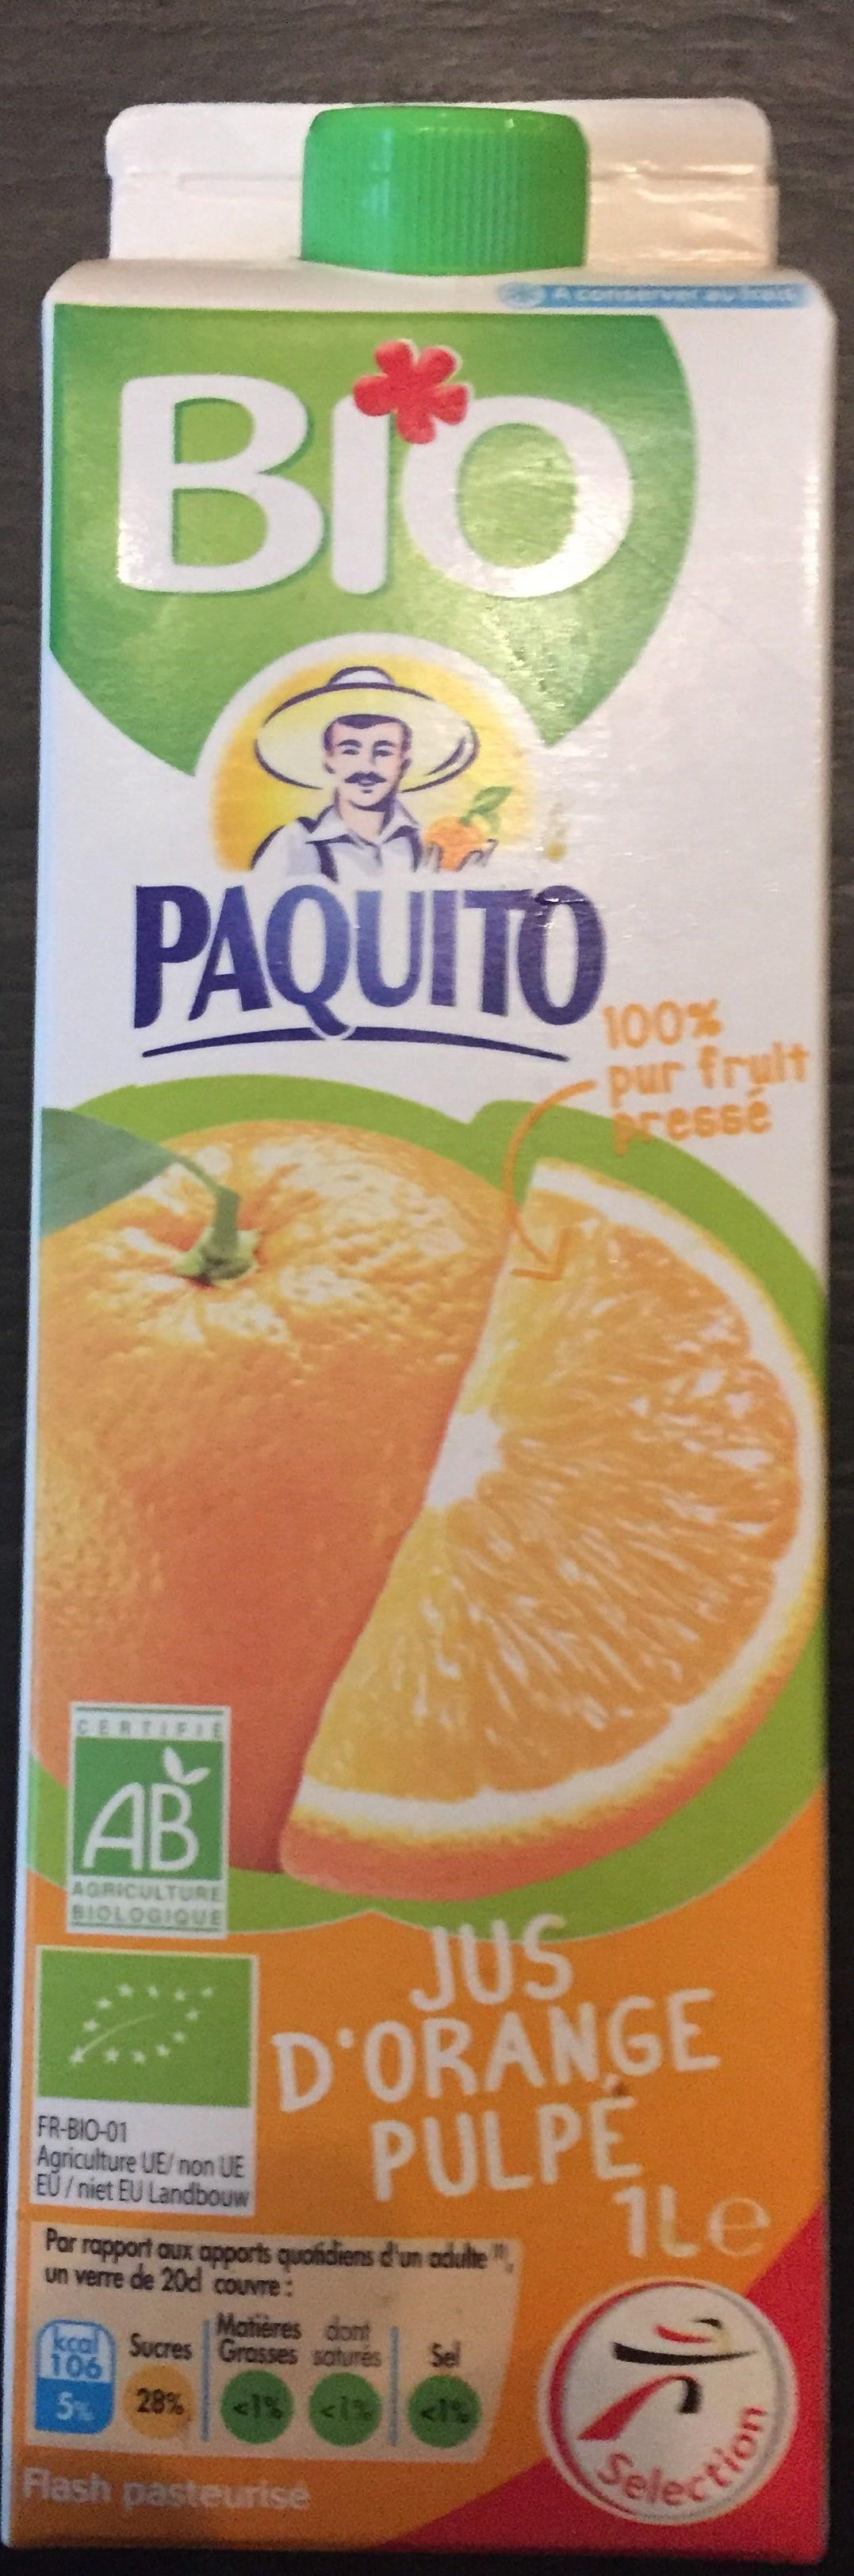 Jus d'orange pulpé - Product - fr